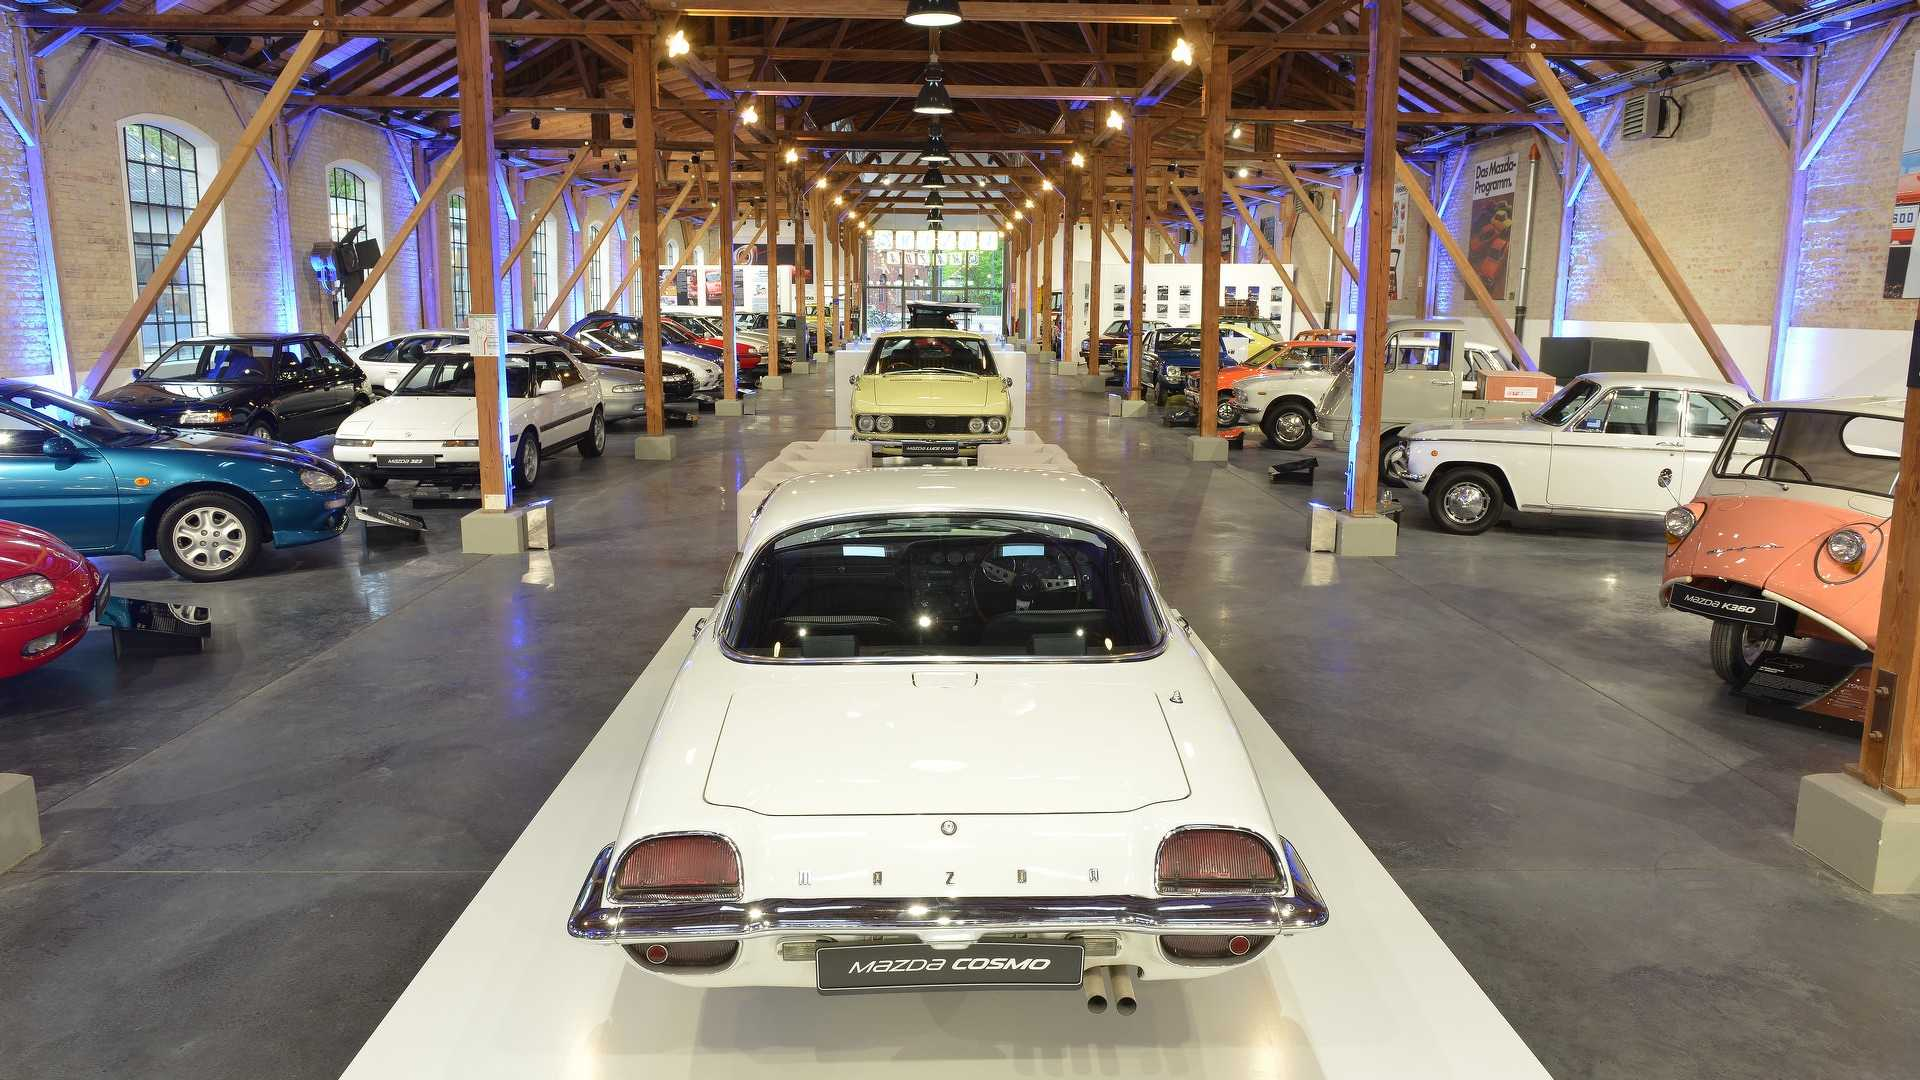 Mazda_classic_car_museum_13